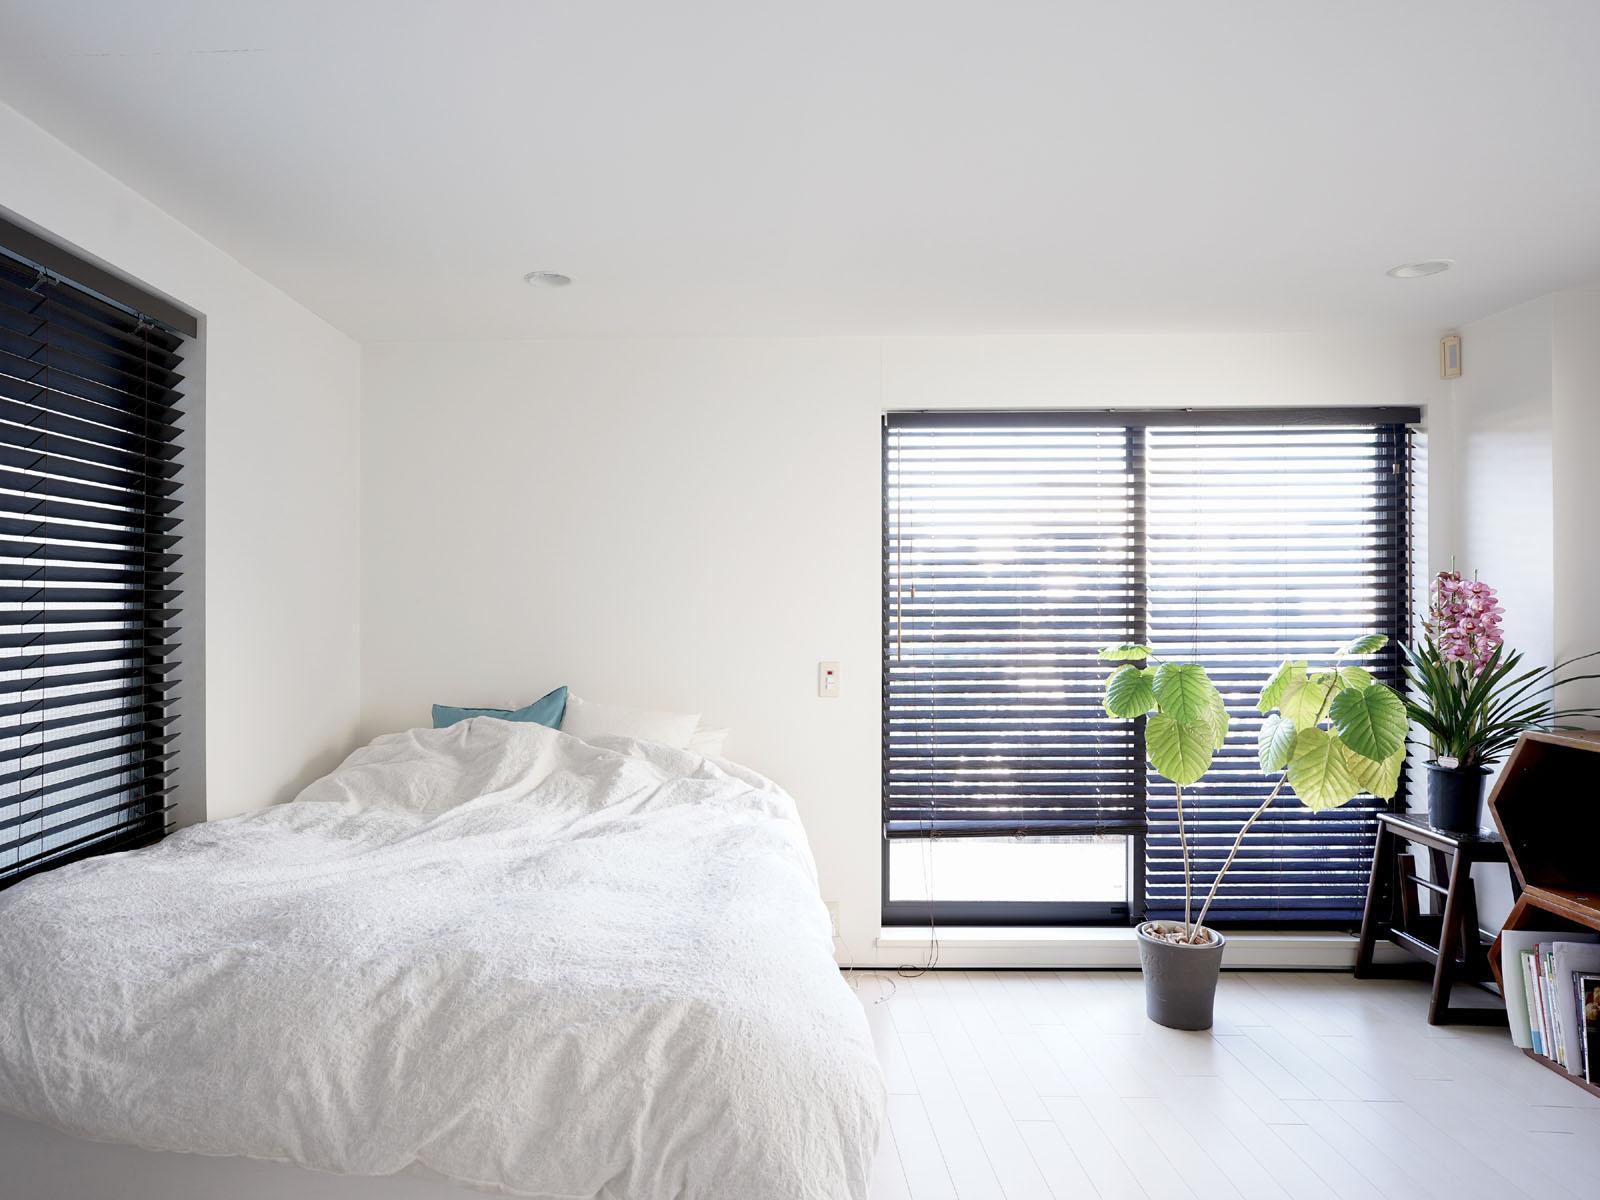 2階:清々しい朝がイメージできる真っ白な空間